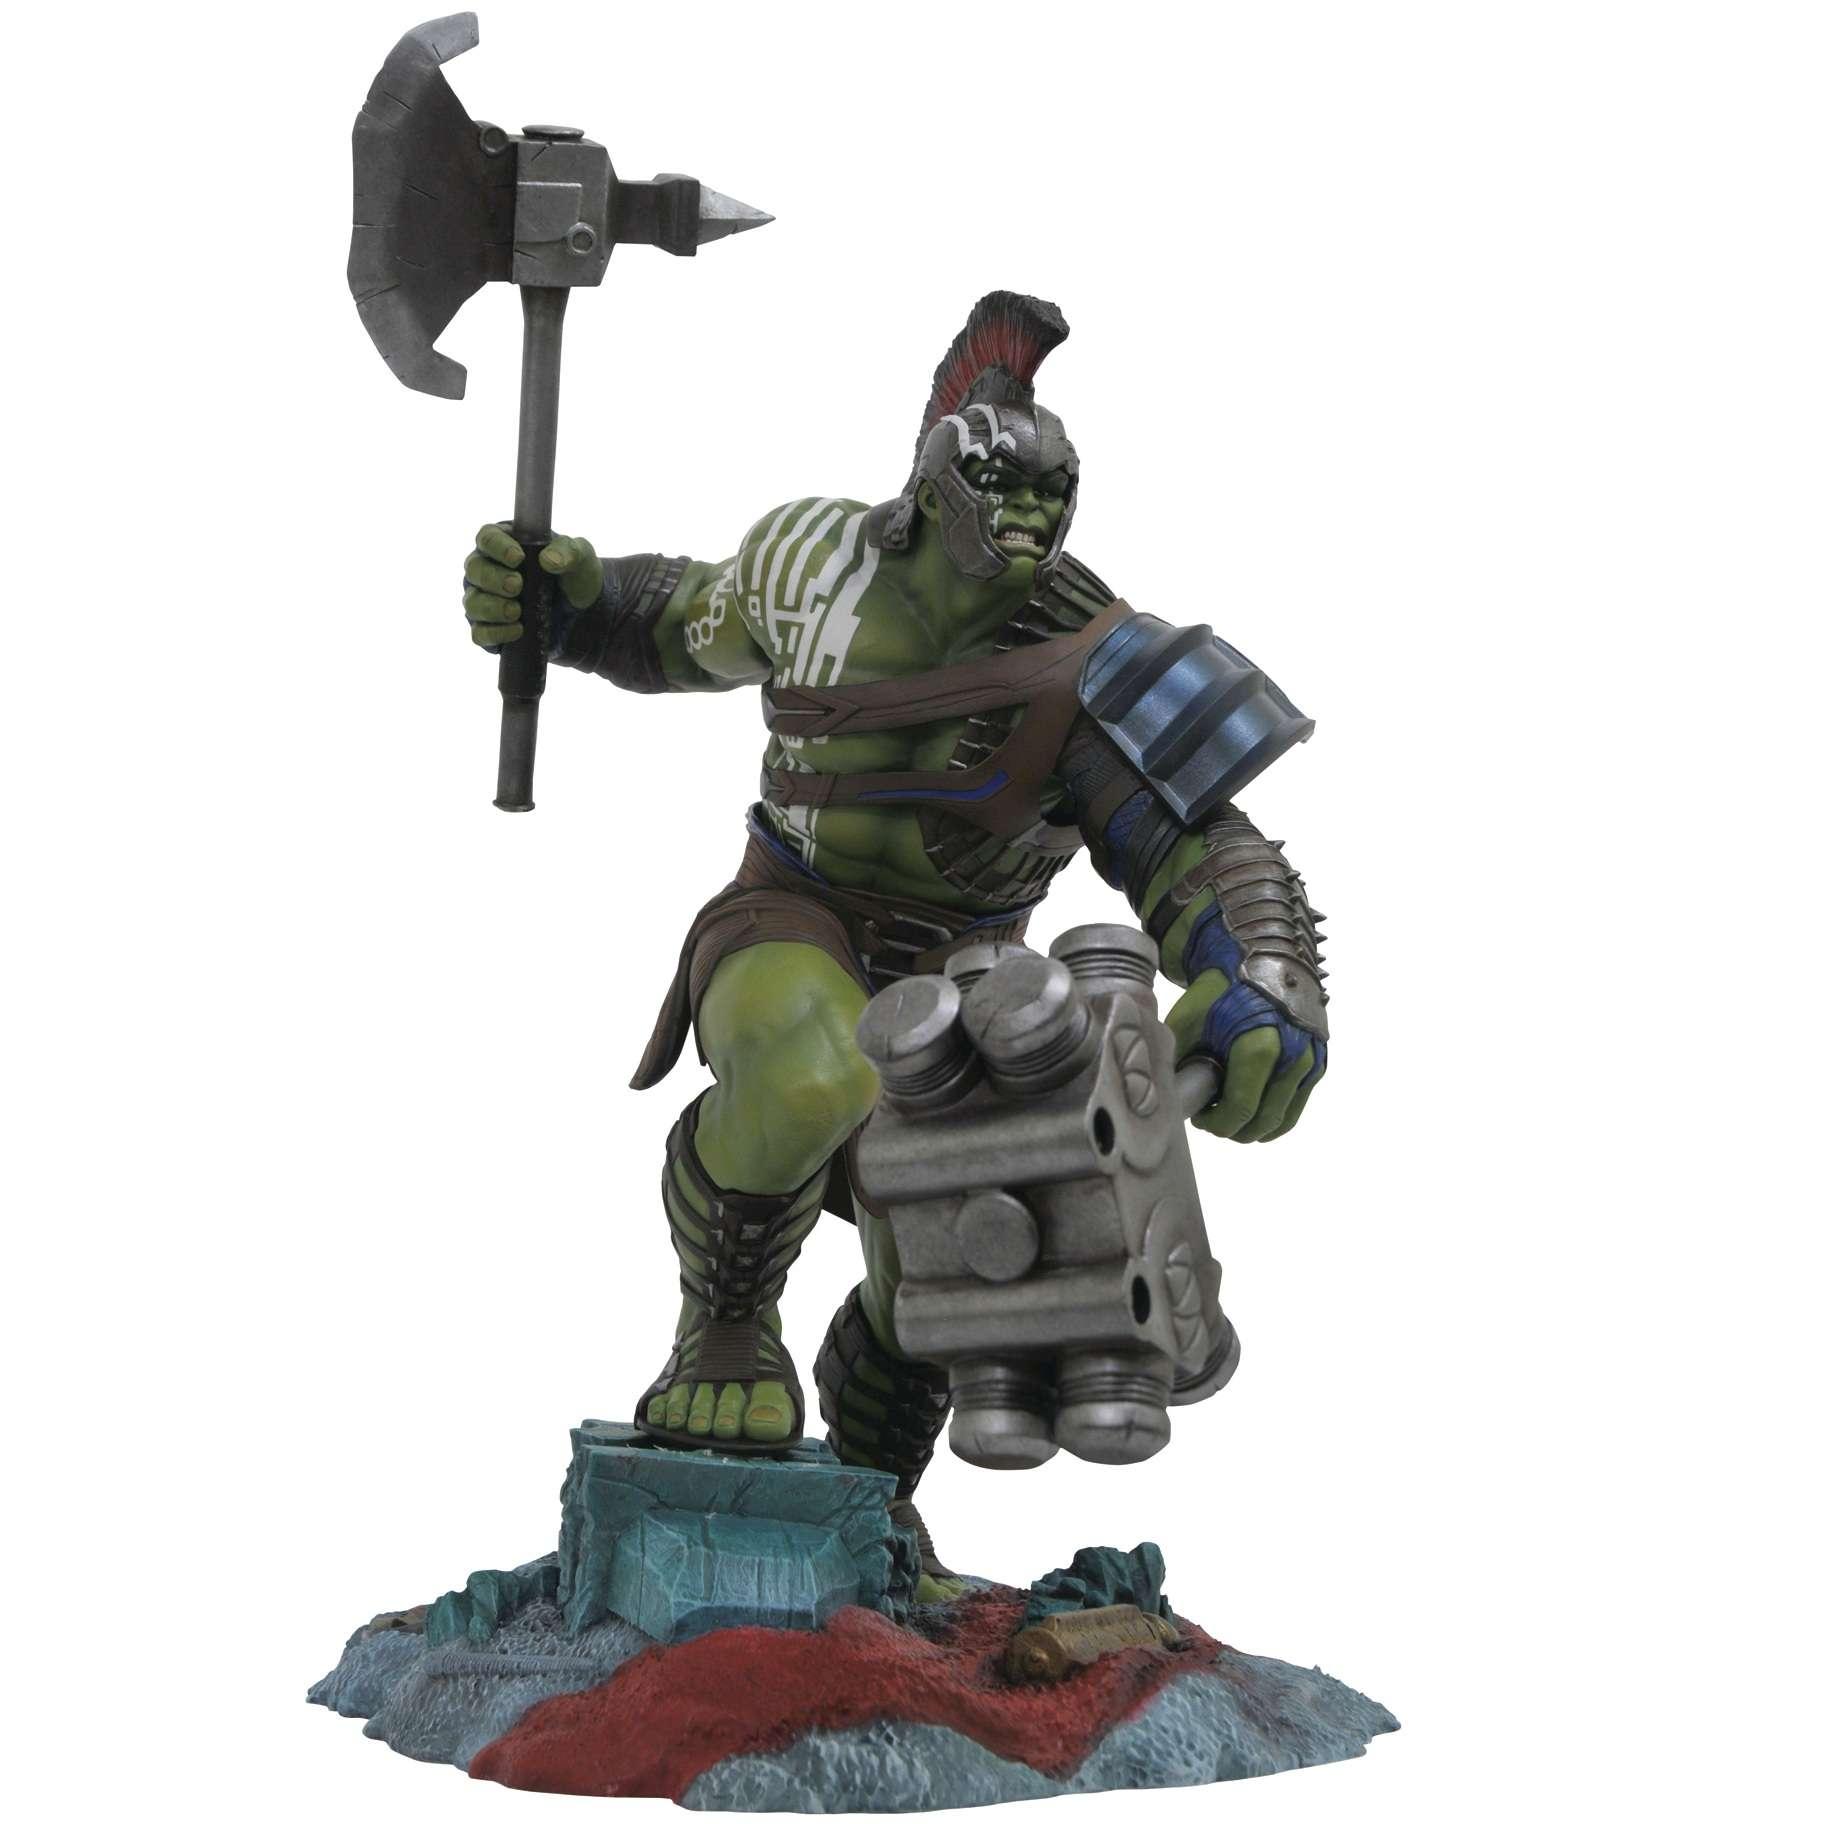 Marvel Gallery: Thor Ragnarok - Gladiator Hulk Photo